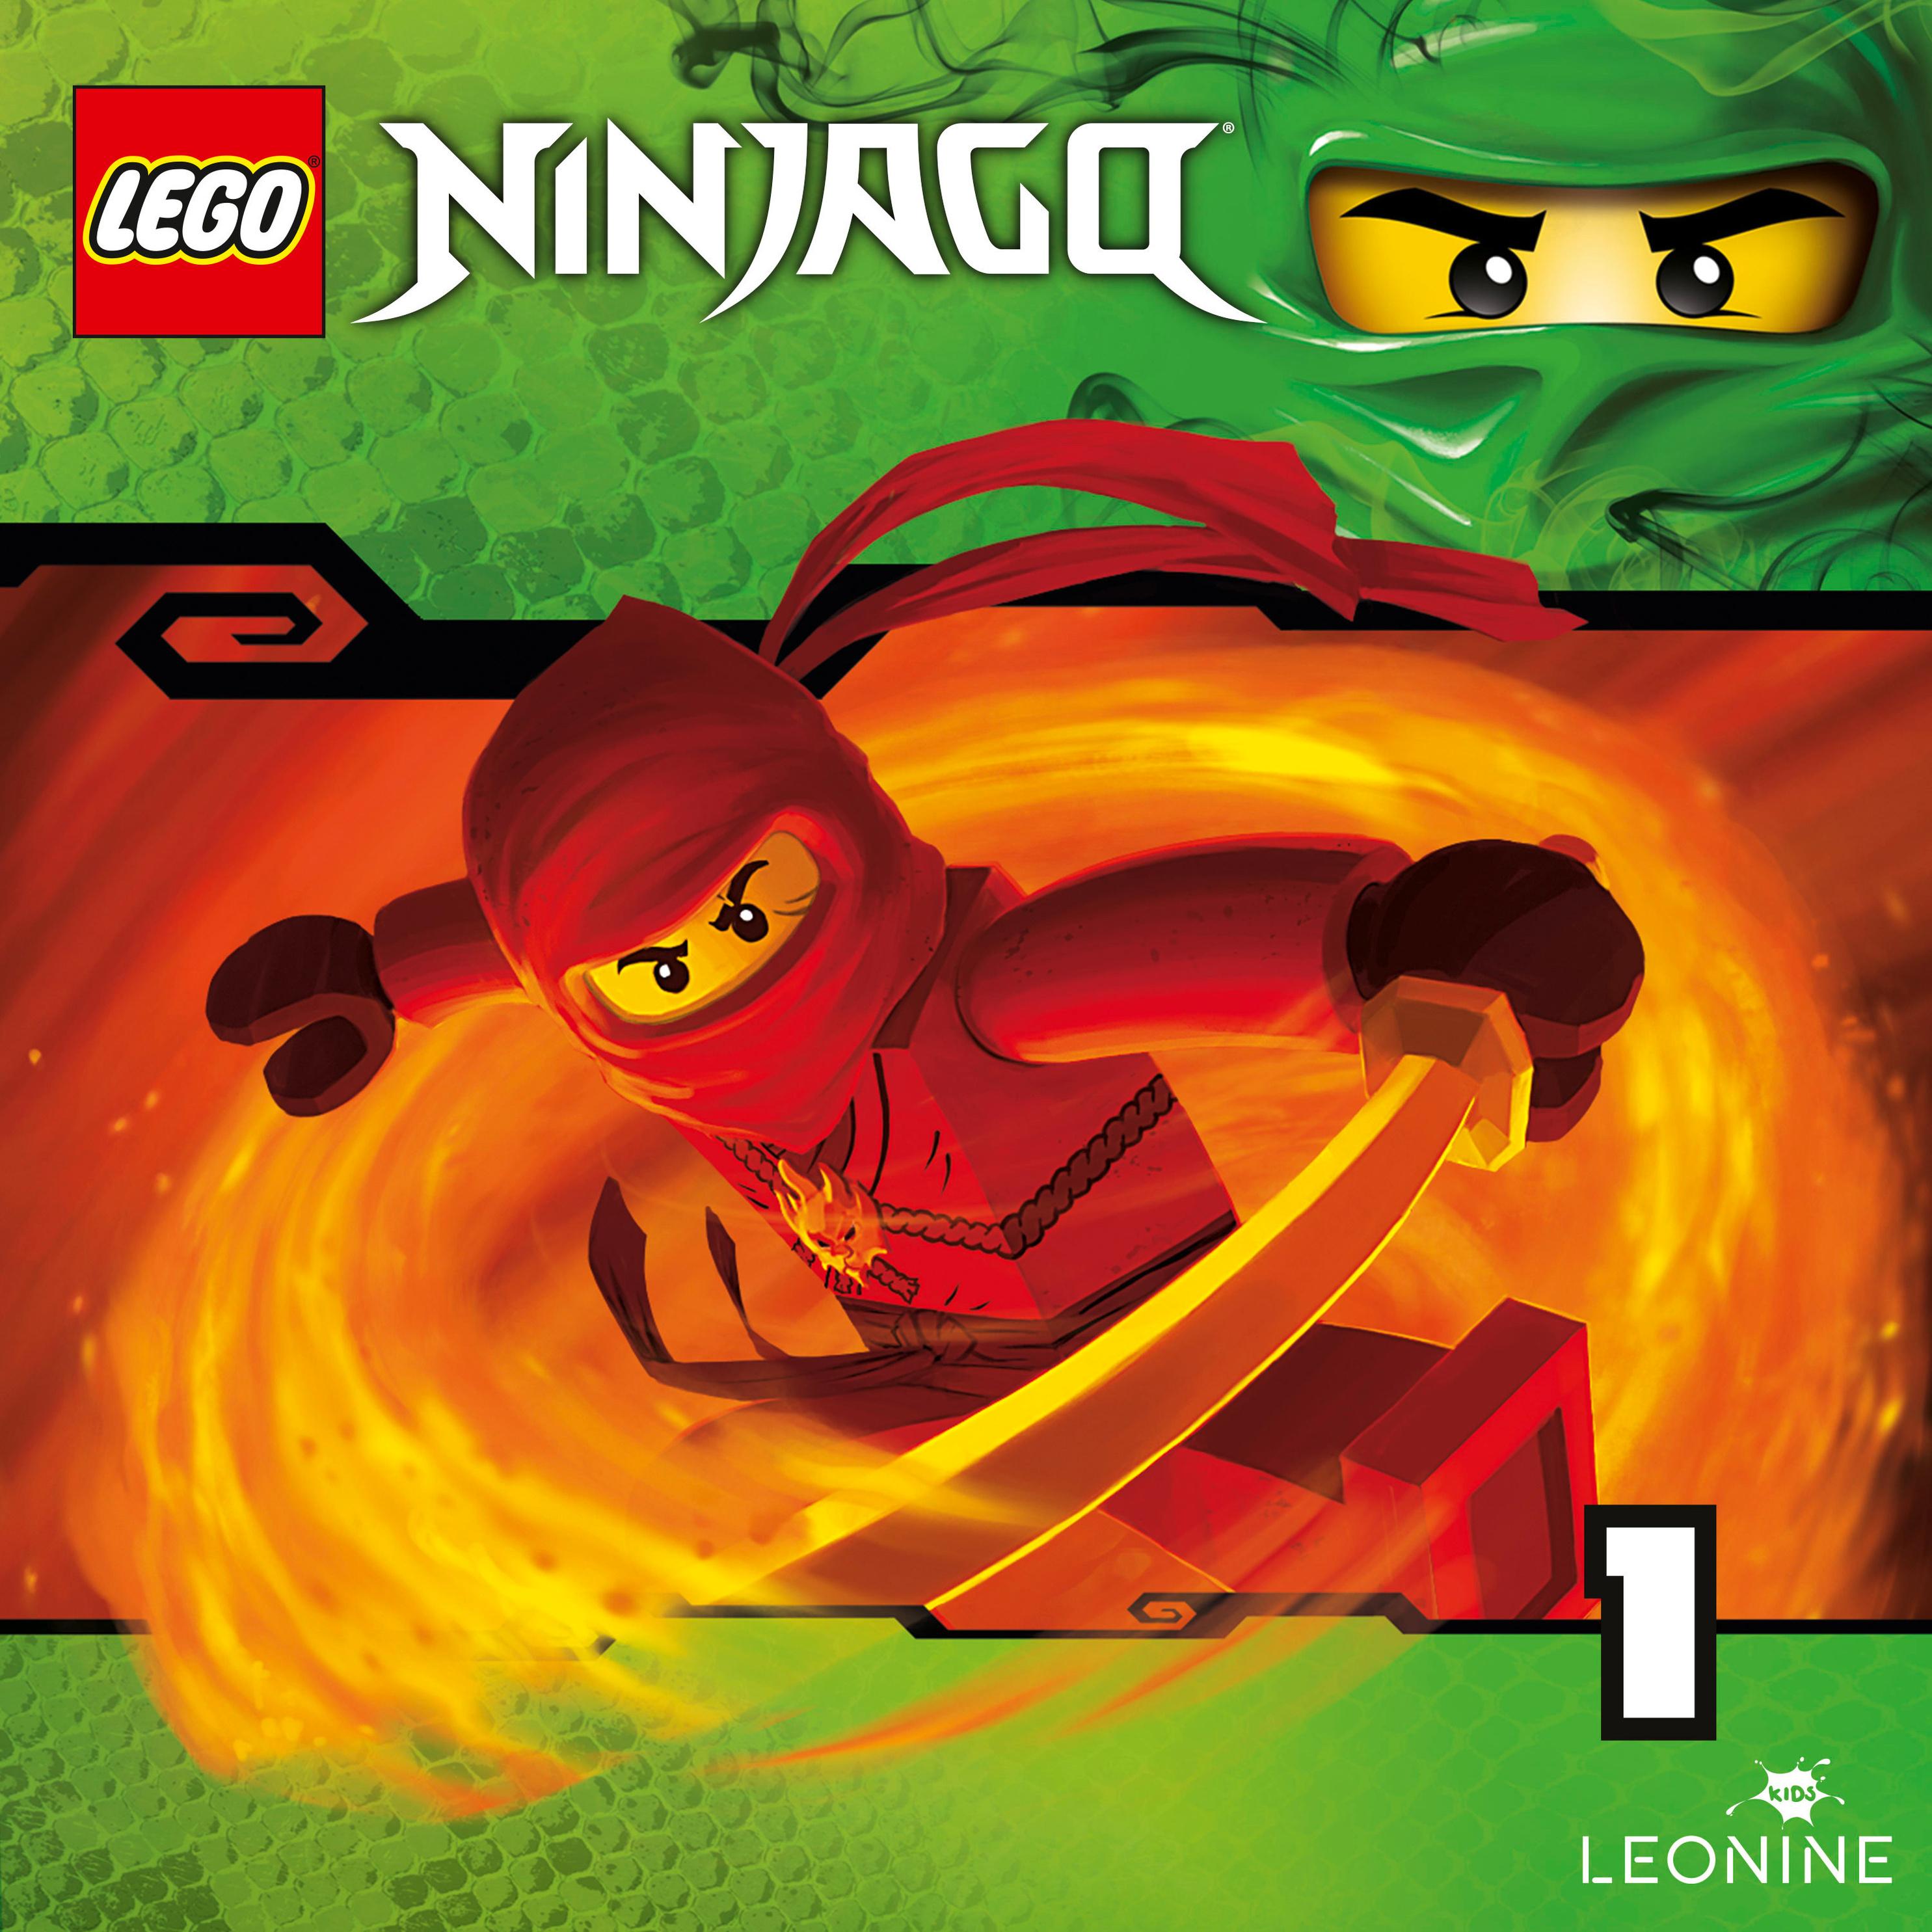 LEGO Ninjago - Folgen 1-3: Der Aufstieg der Schlangen Hörbuch Download